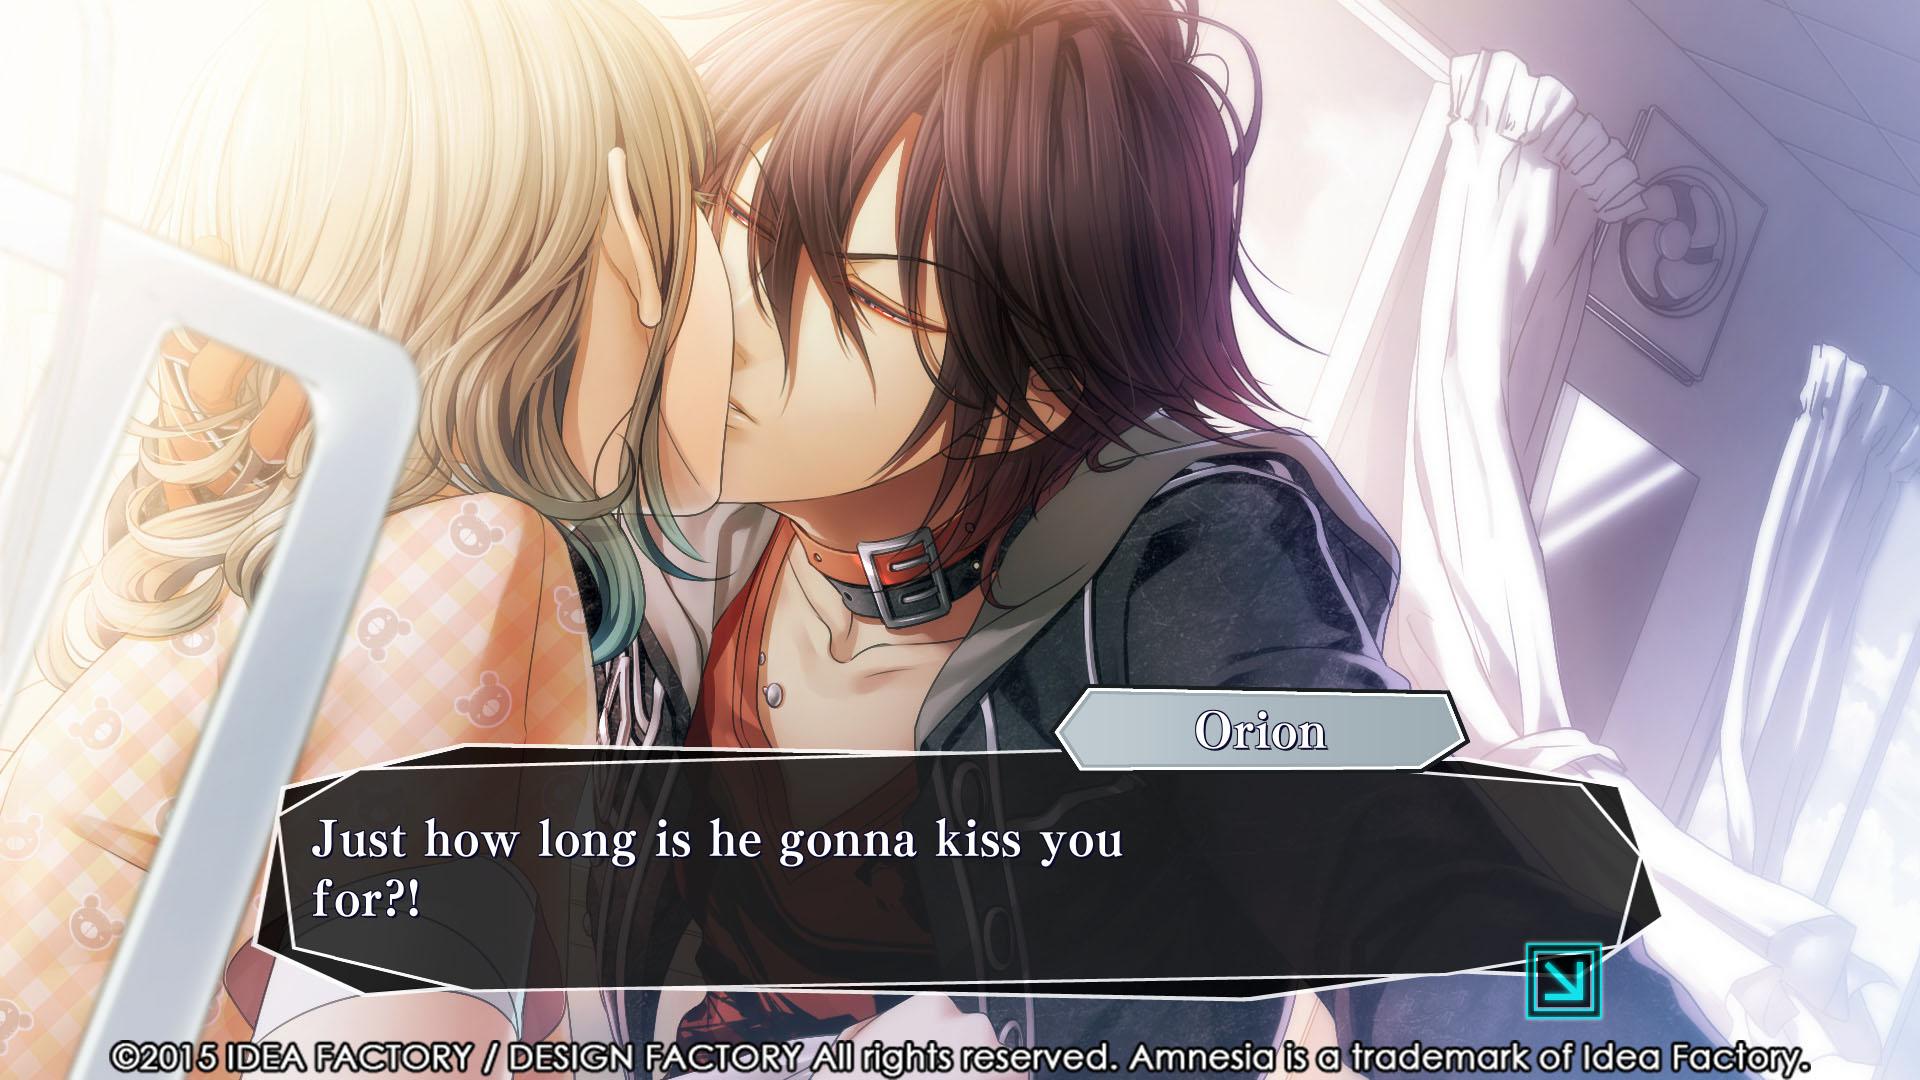 anime boy dating simulator for girls games full game